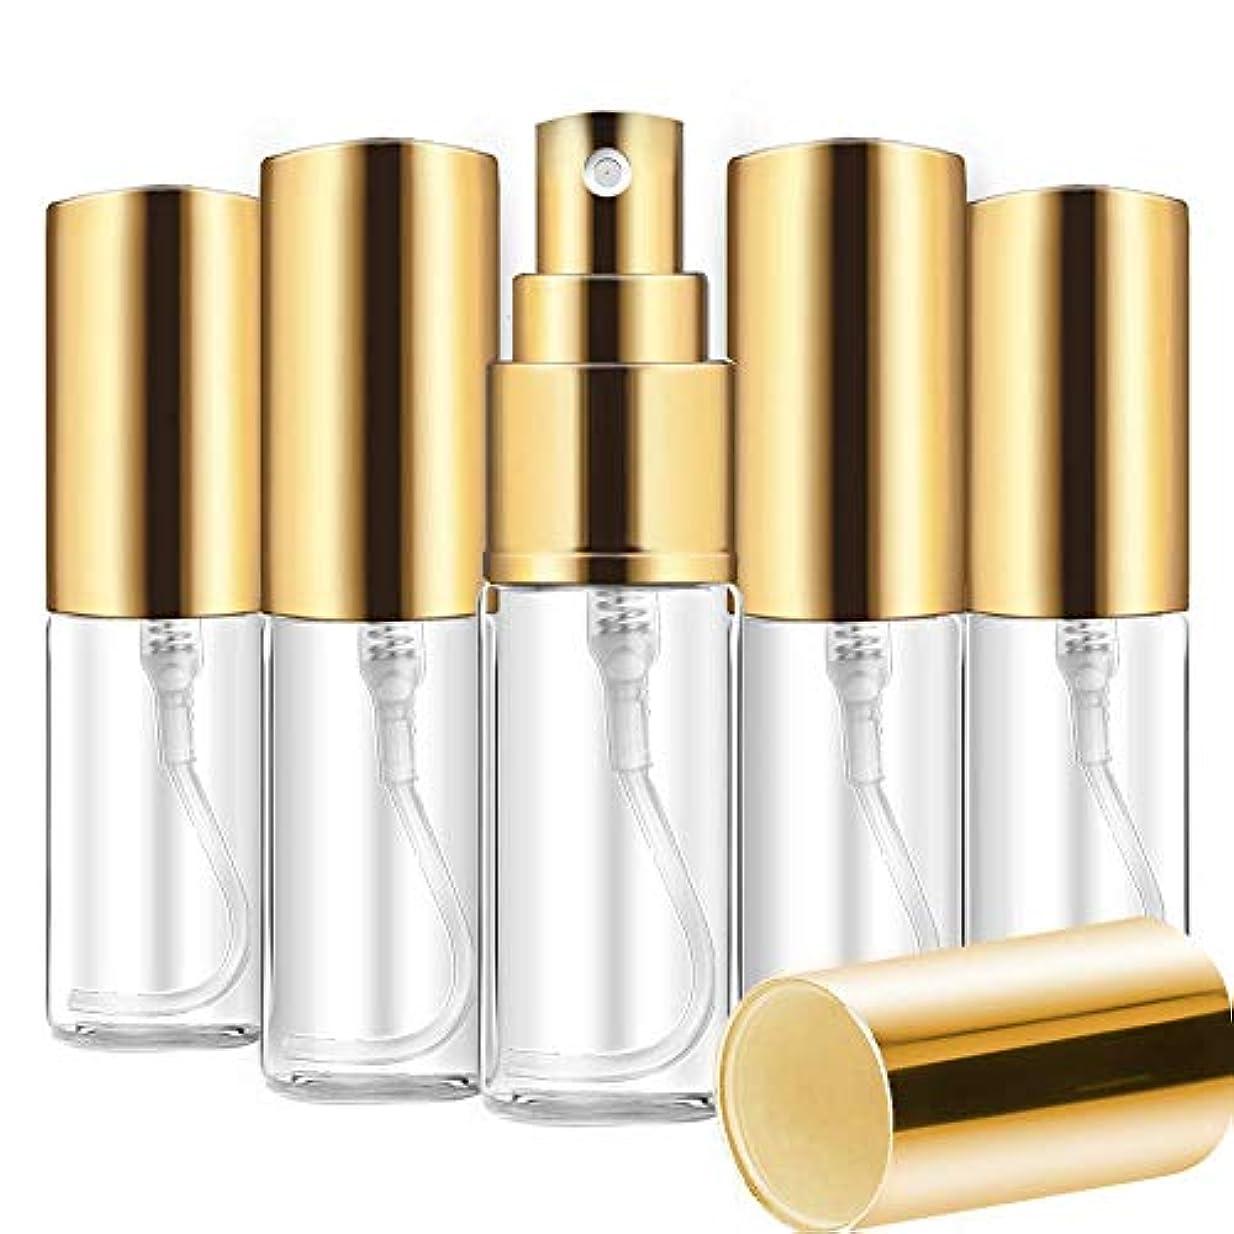 我慢する階段スロベニアAomgsd 香水噴霧器 香水アトマイザー スプレーボトル ガラス 香水詰め替え ミニ 携帯便利 軽量 上品 5ml 5本 (ゴールド)